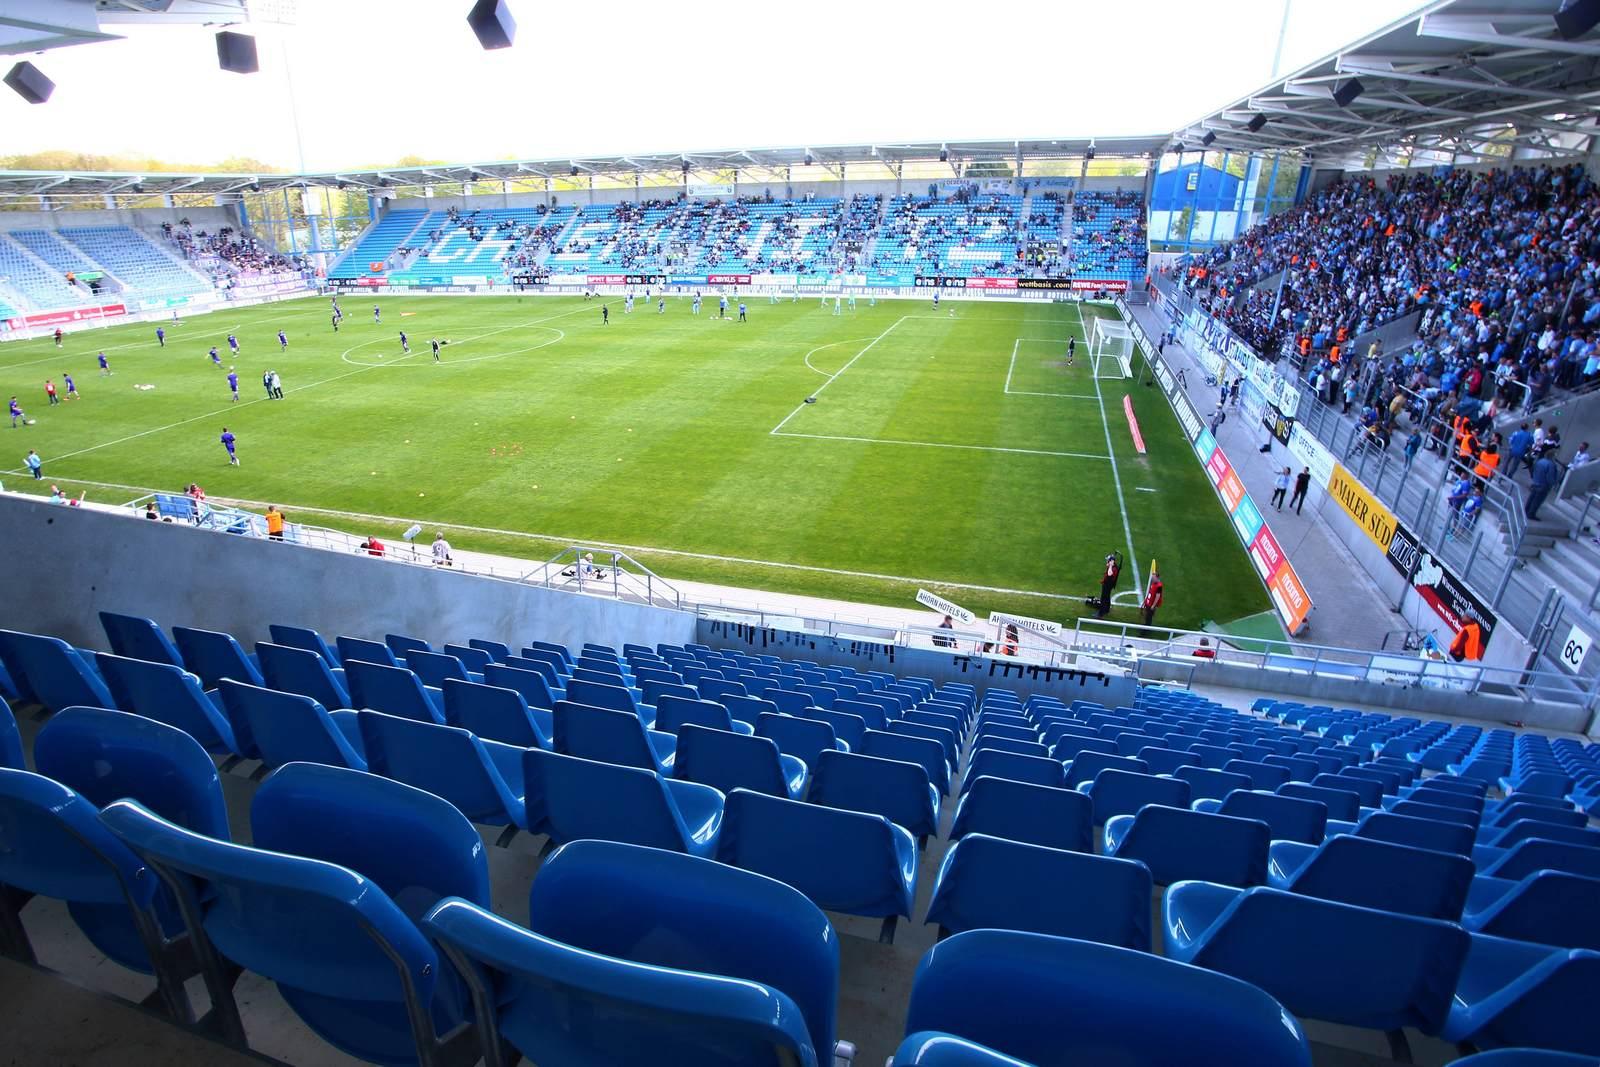 Stadion an der Gellertstraße in Chemnitz